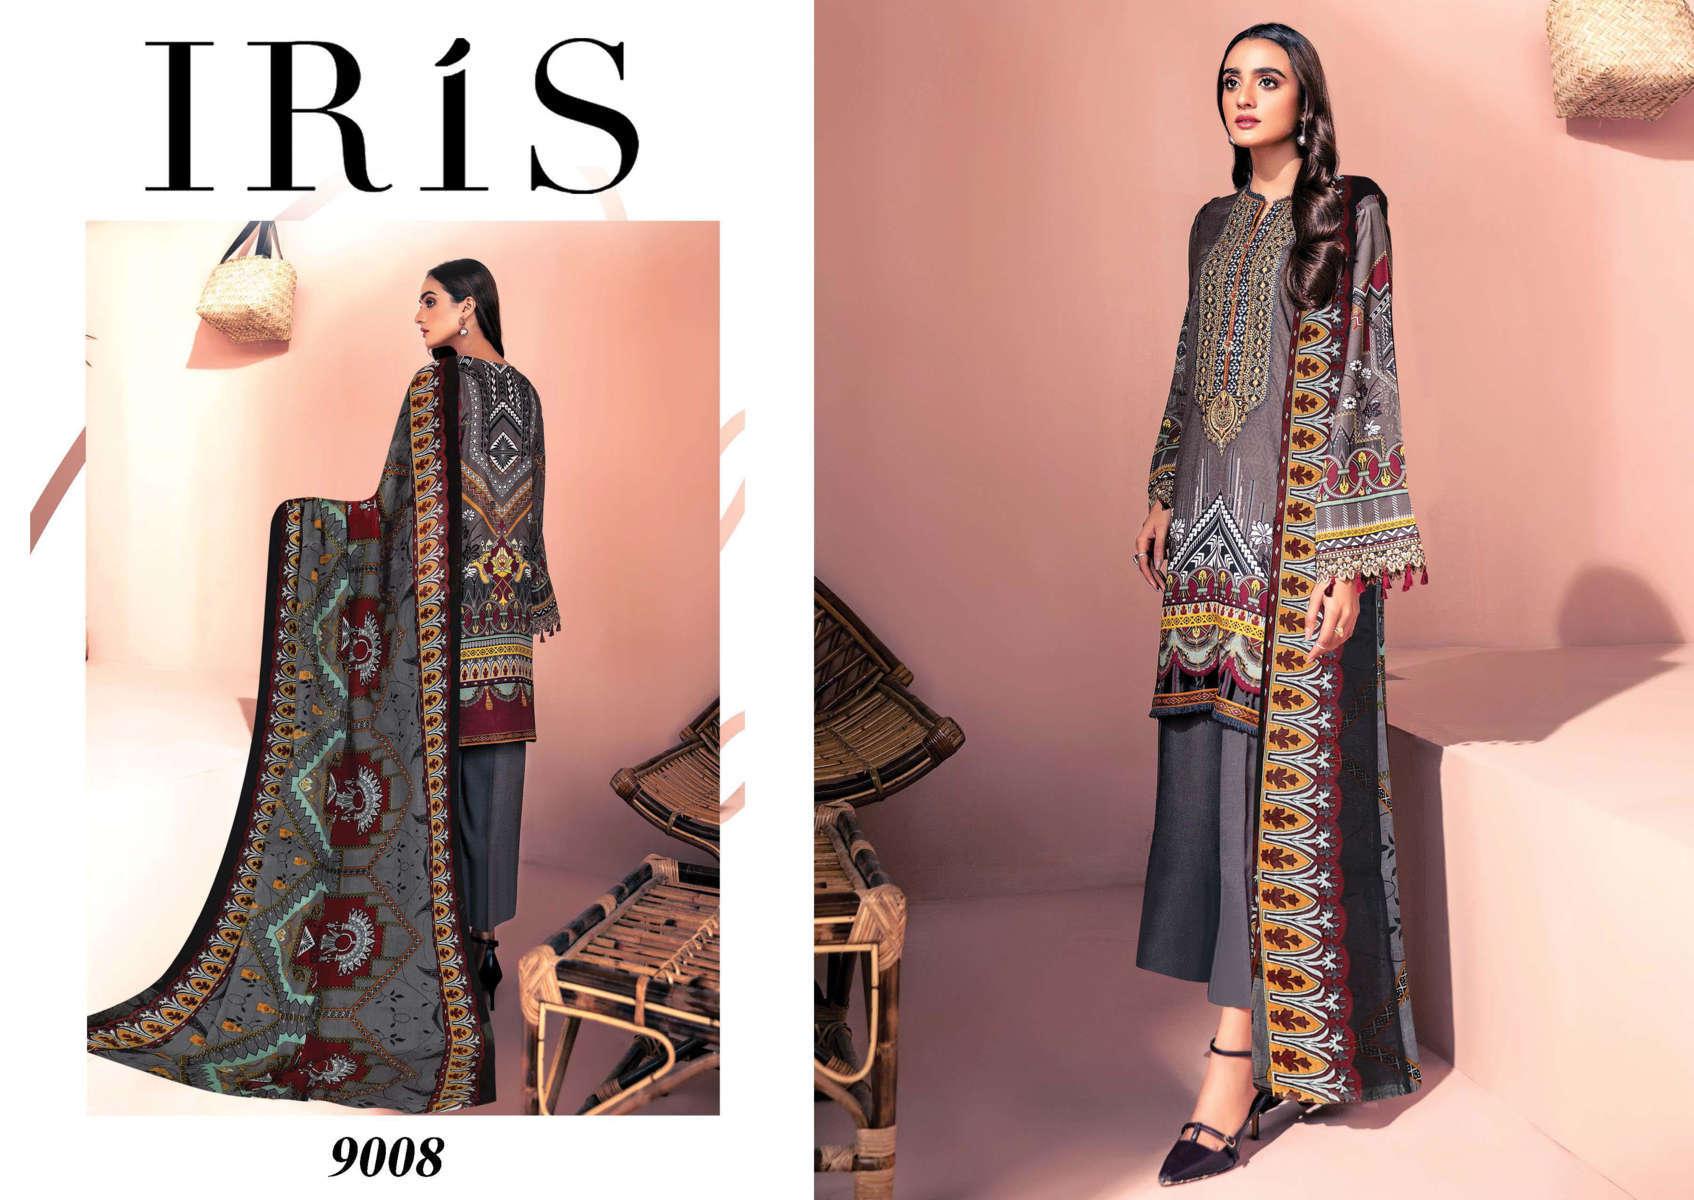 Iris Vol 9 Karachi Cotton Salwar Suit Wholesale Catalog 10 Pcs 11 - Iris Vol 9 Karachi Cotton Salwar Suit Wholesale Catalog 10 Pcs